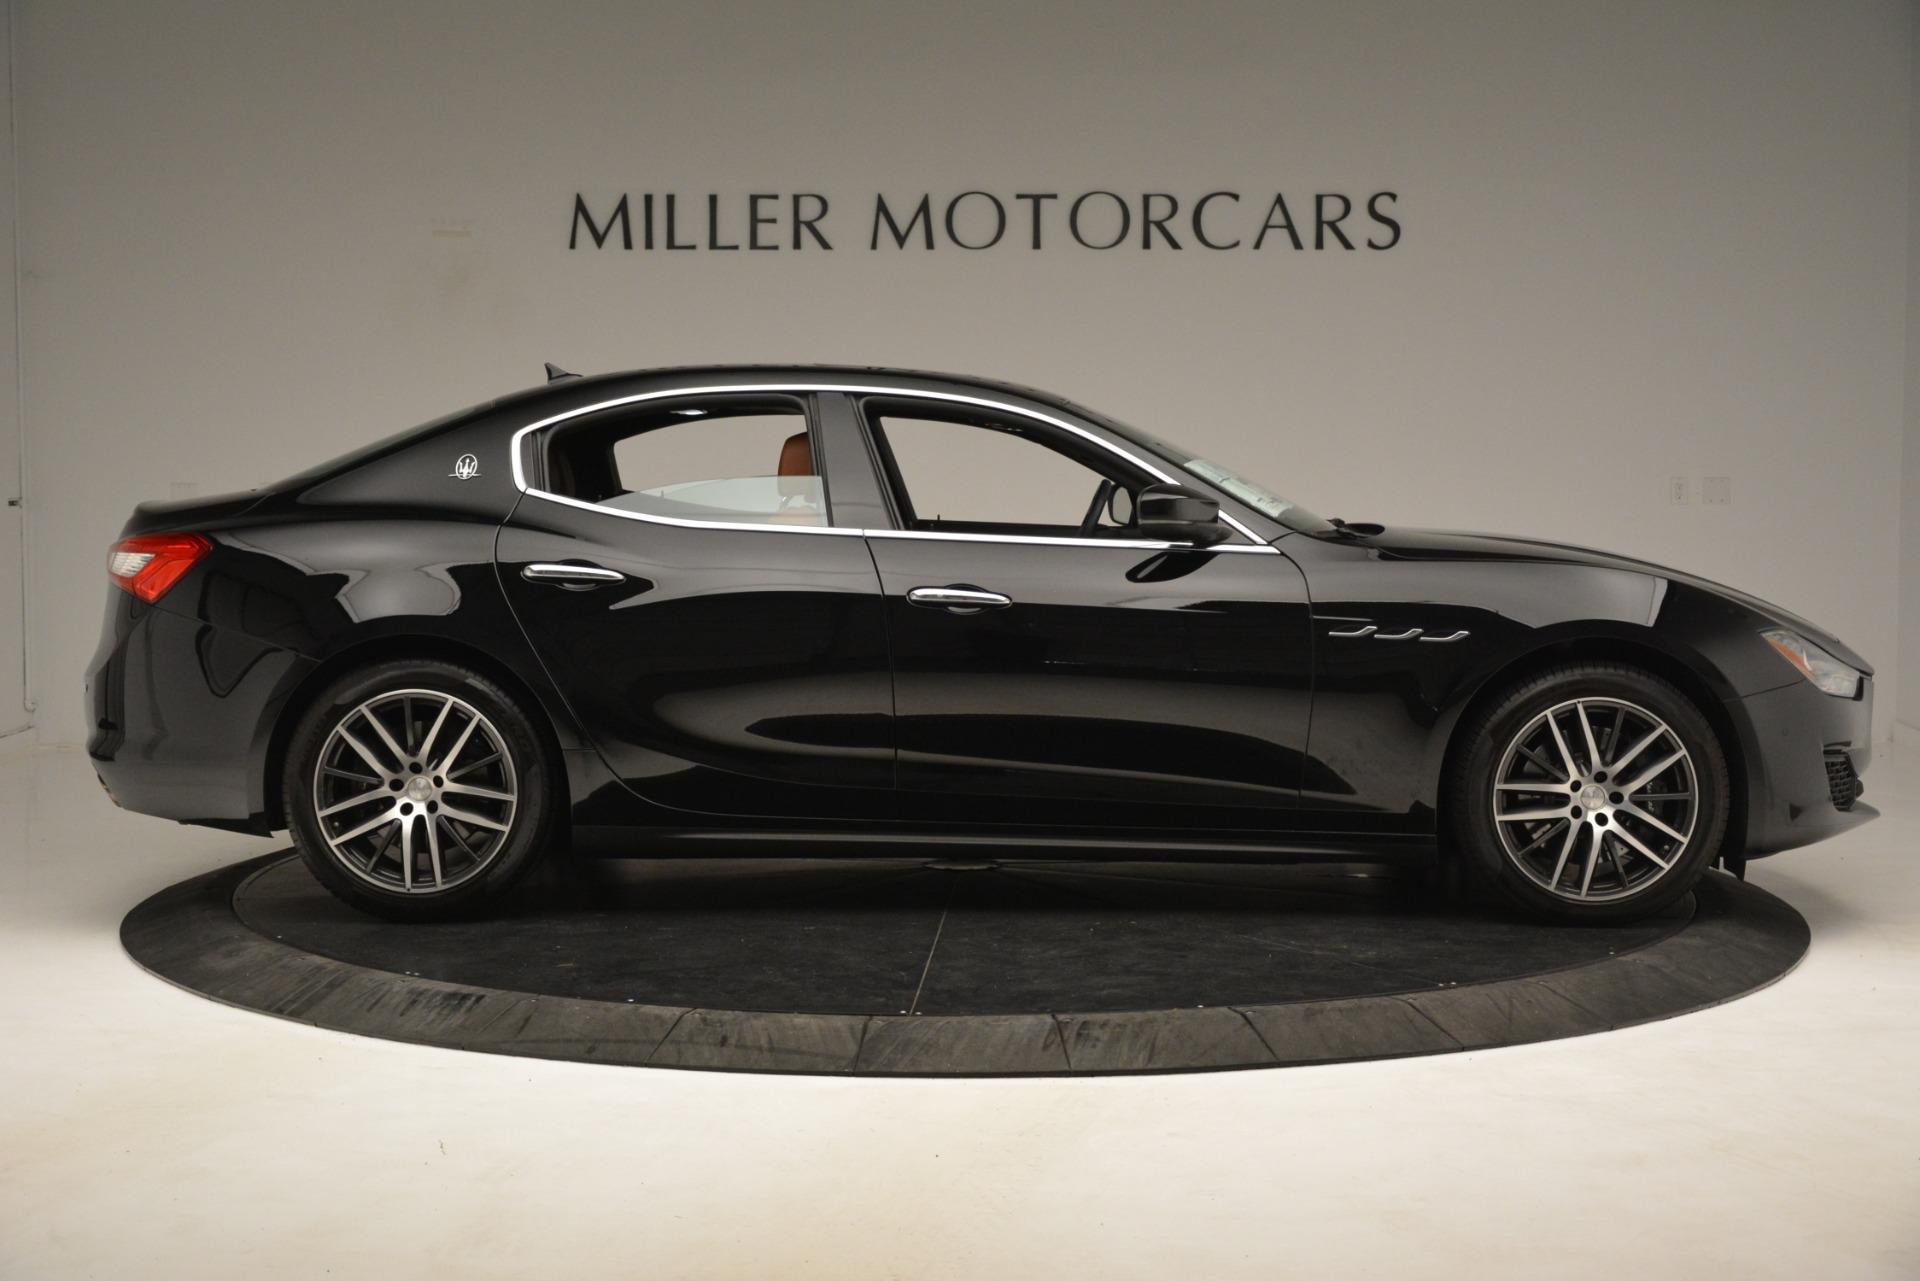 New 2019 Maserati Ghibli S Q4 For Sale In Greenwich, CT 2793_p9